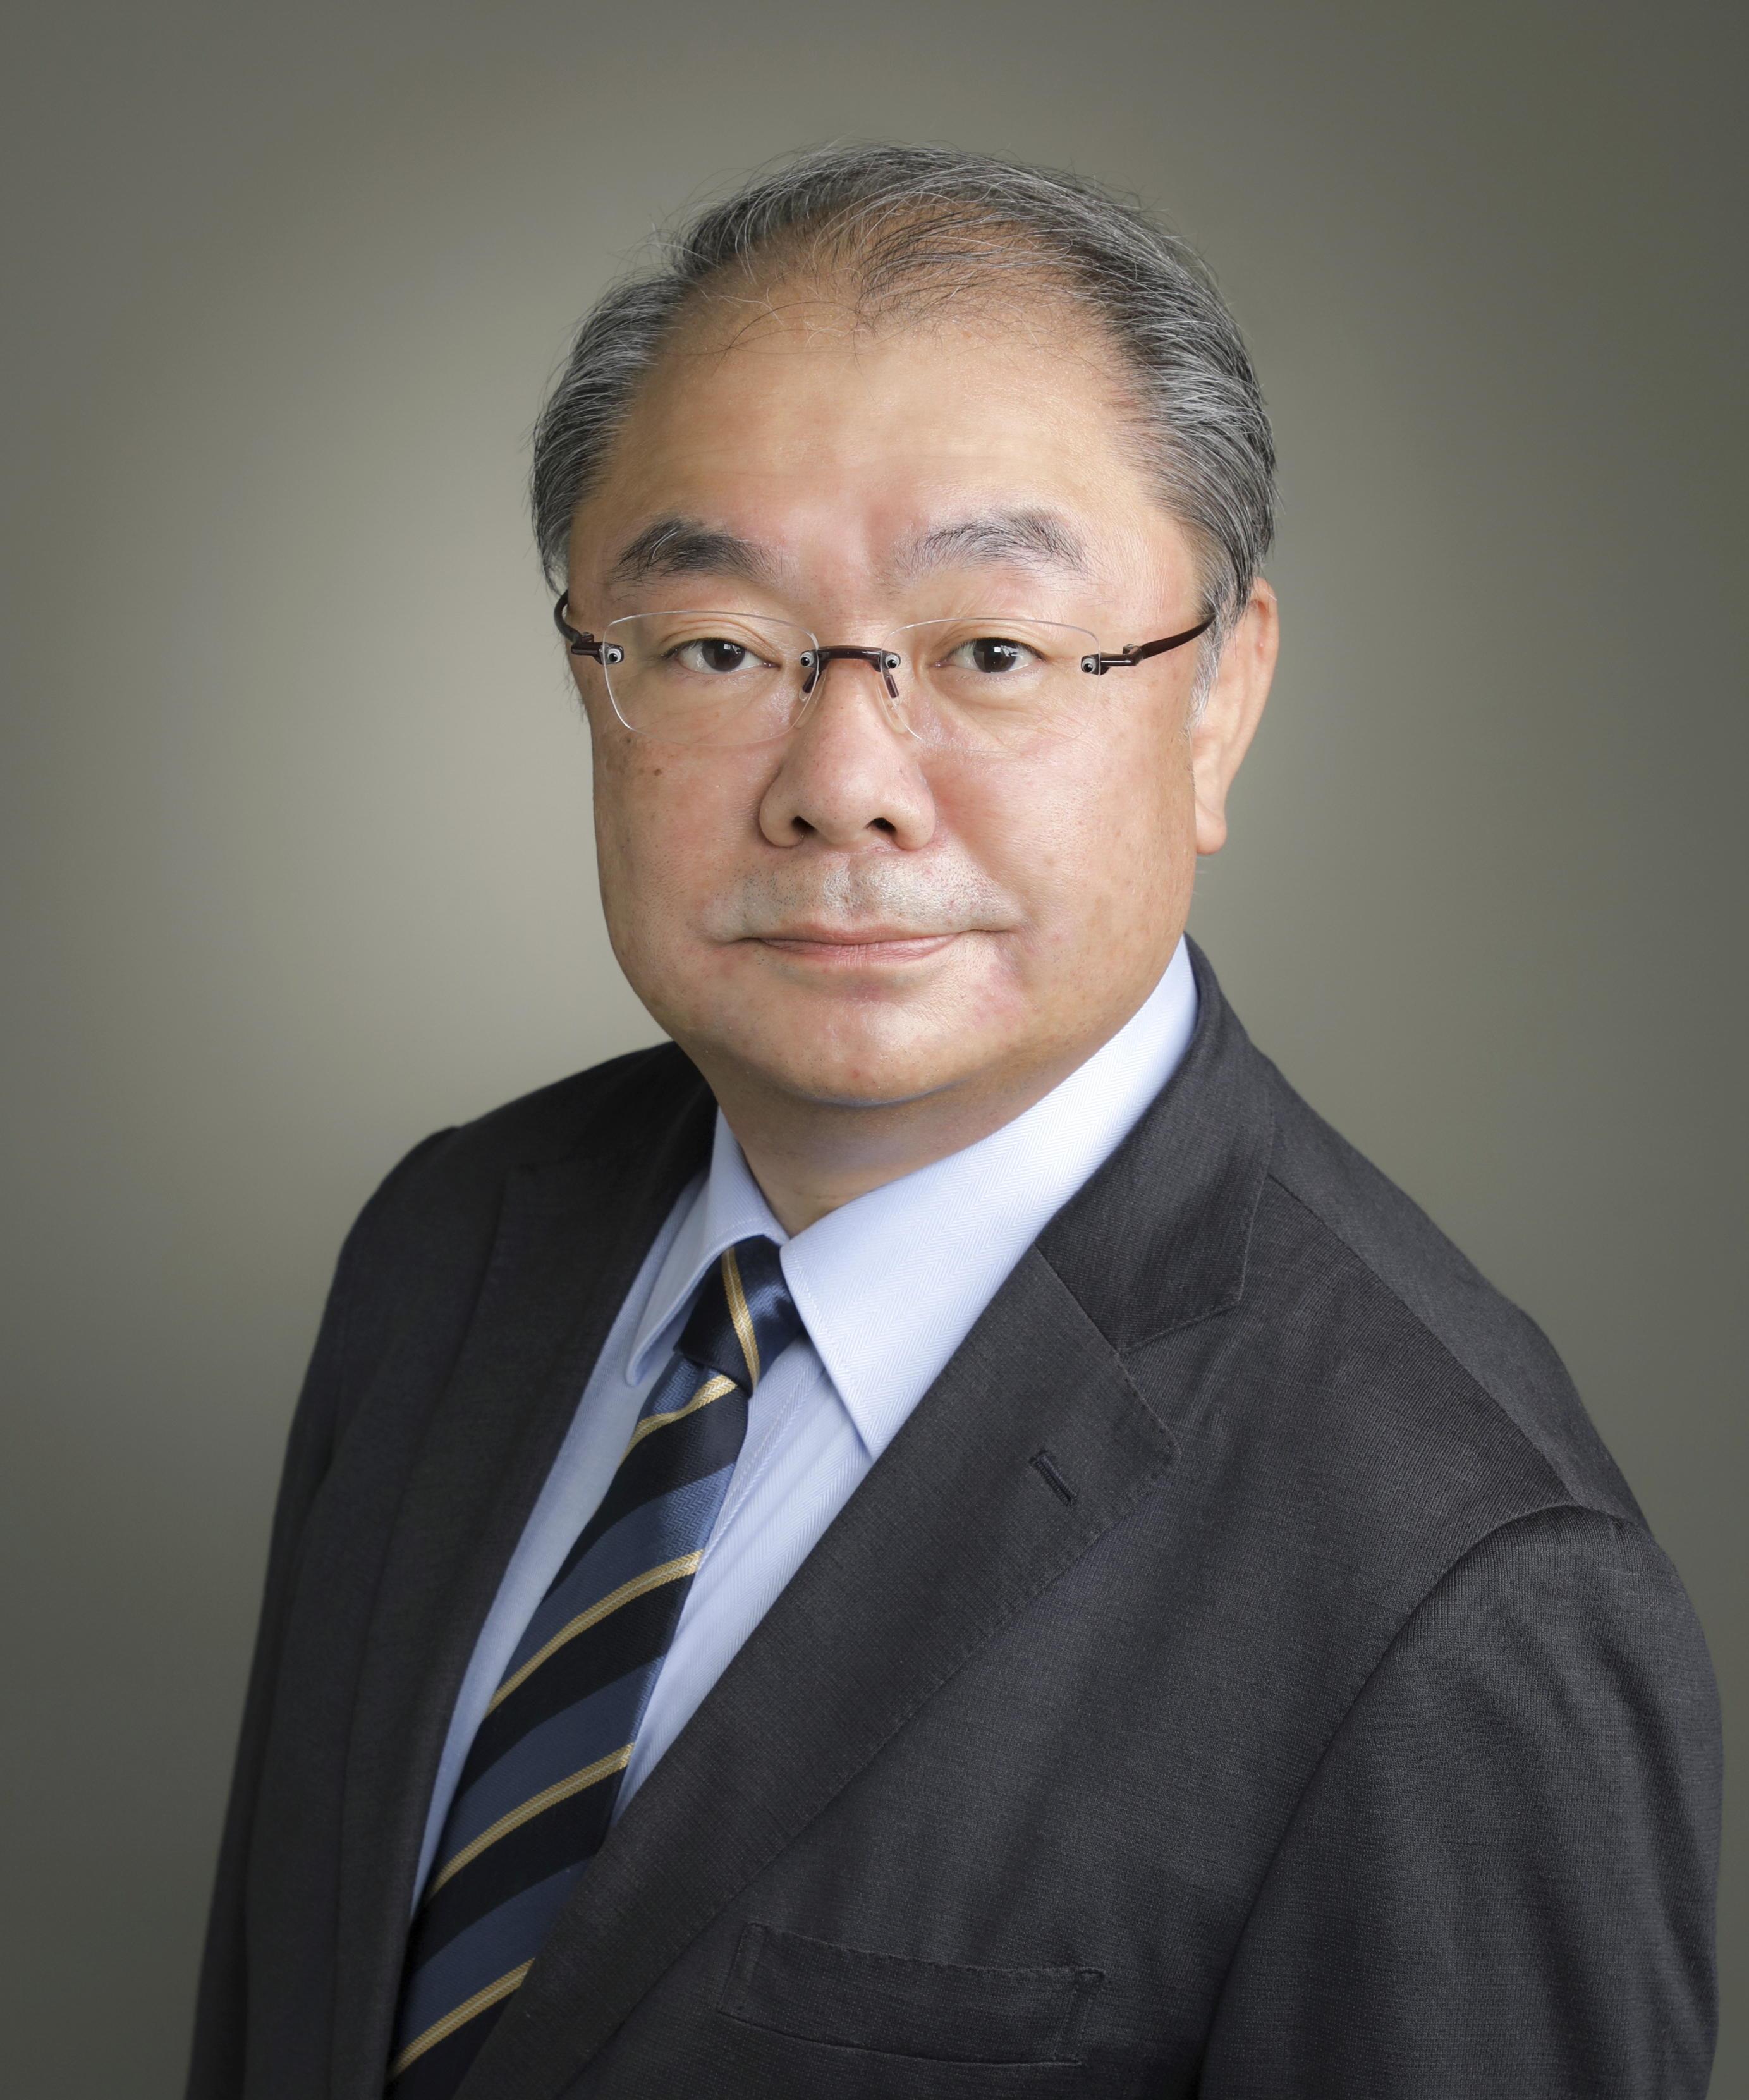 キャリアコンサルティング協議会 会長 藤田 真也